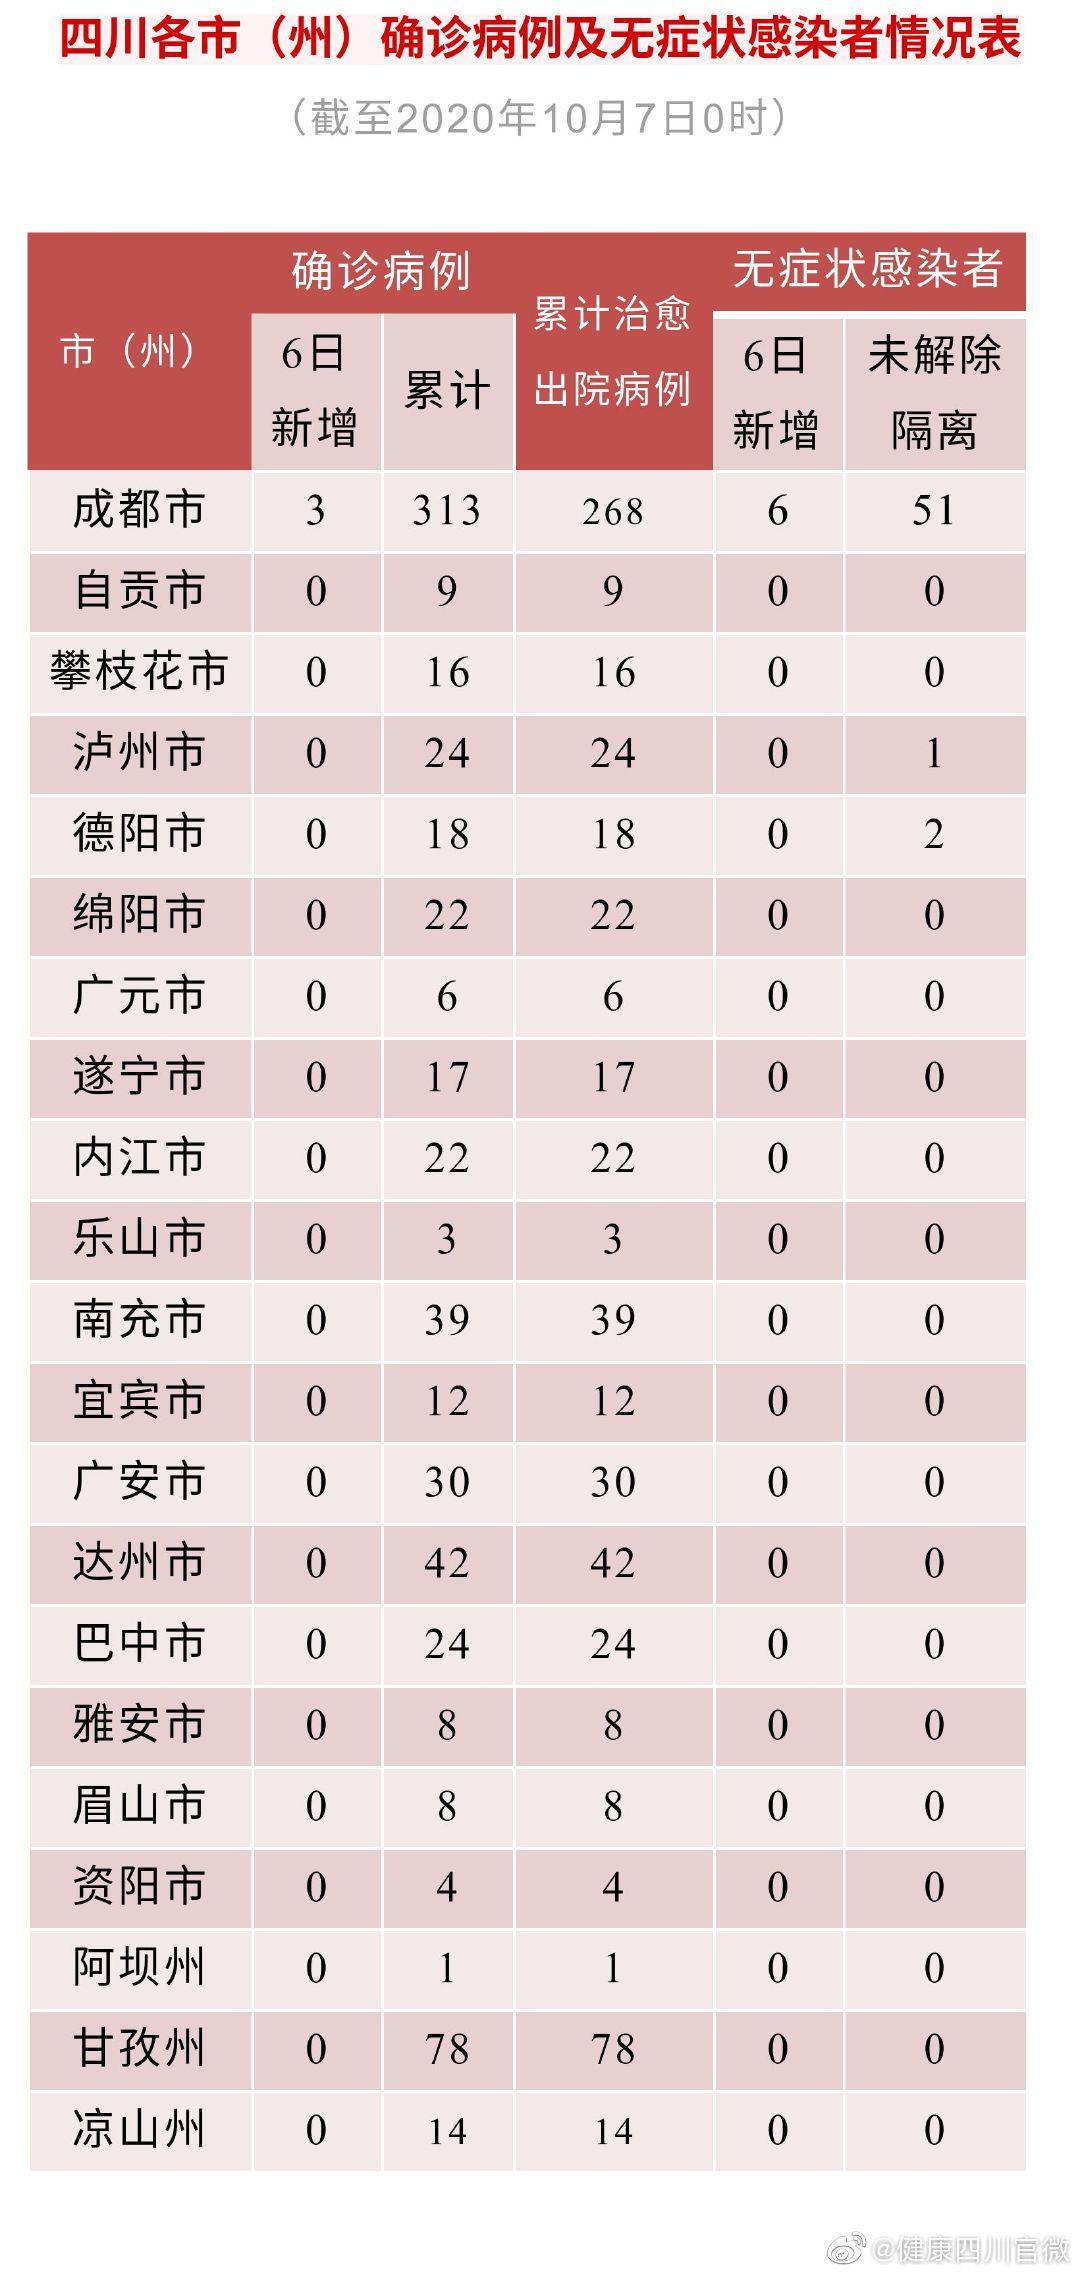 四川6日新增确诊病例3例 均为境外输入图片